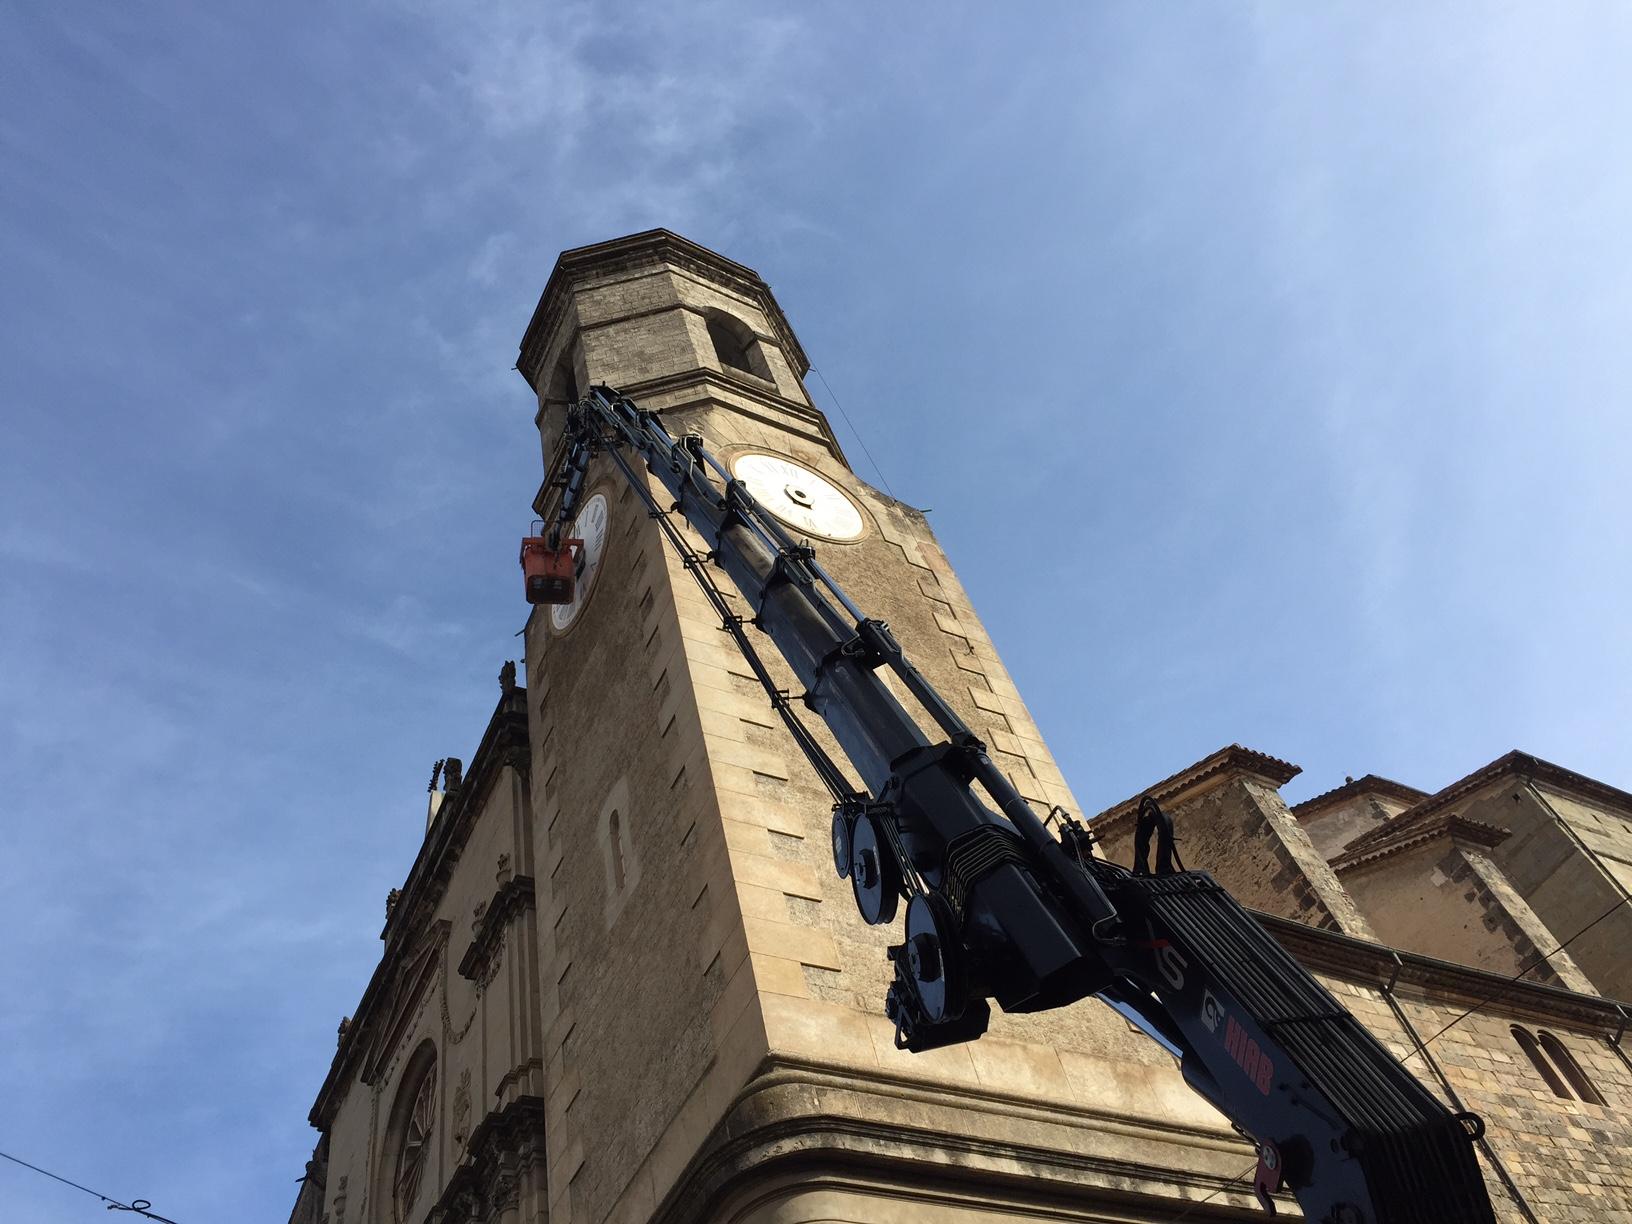 Les broques del rellotge de Sant Esteve es tornen a posar a l'hora